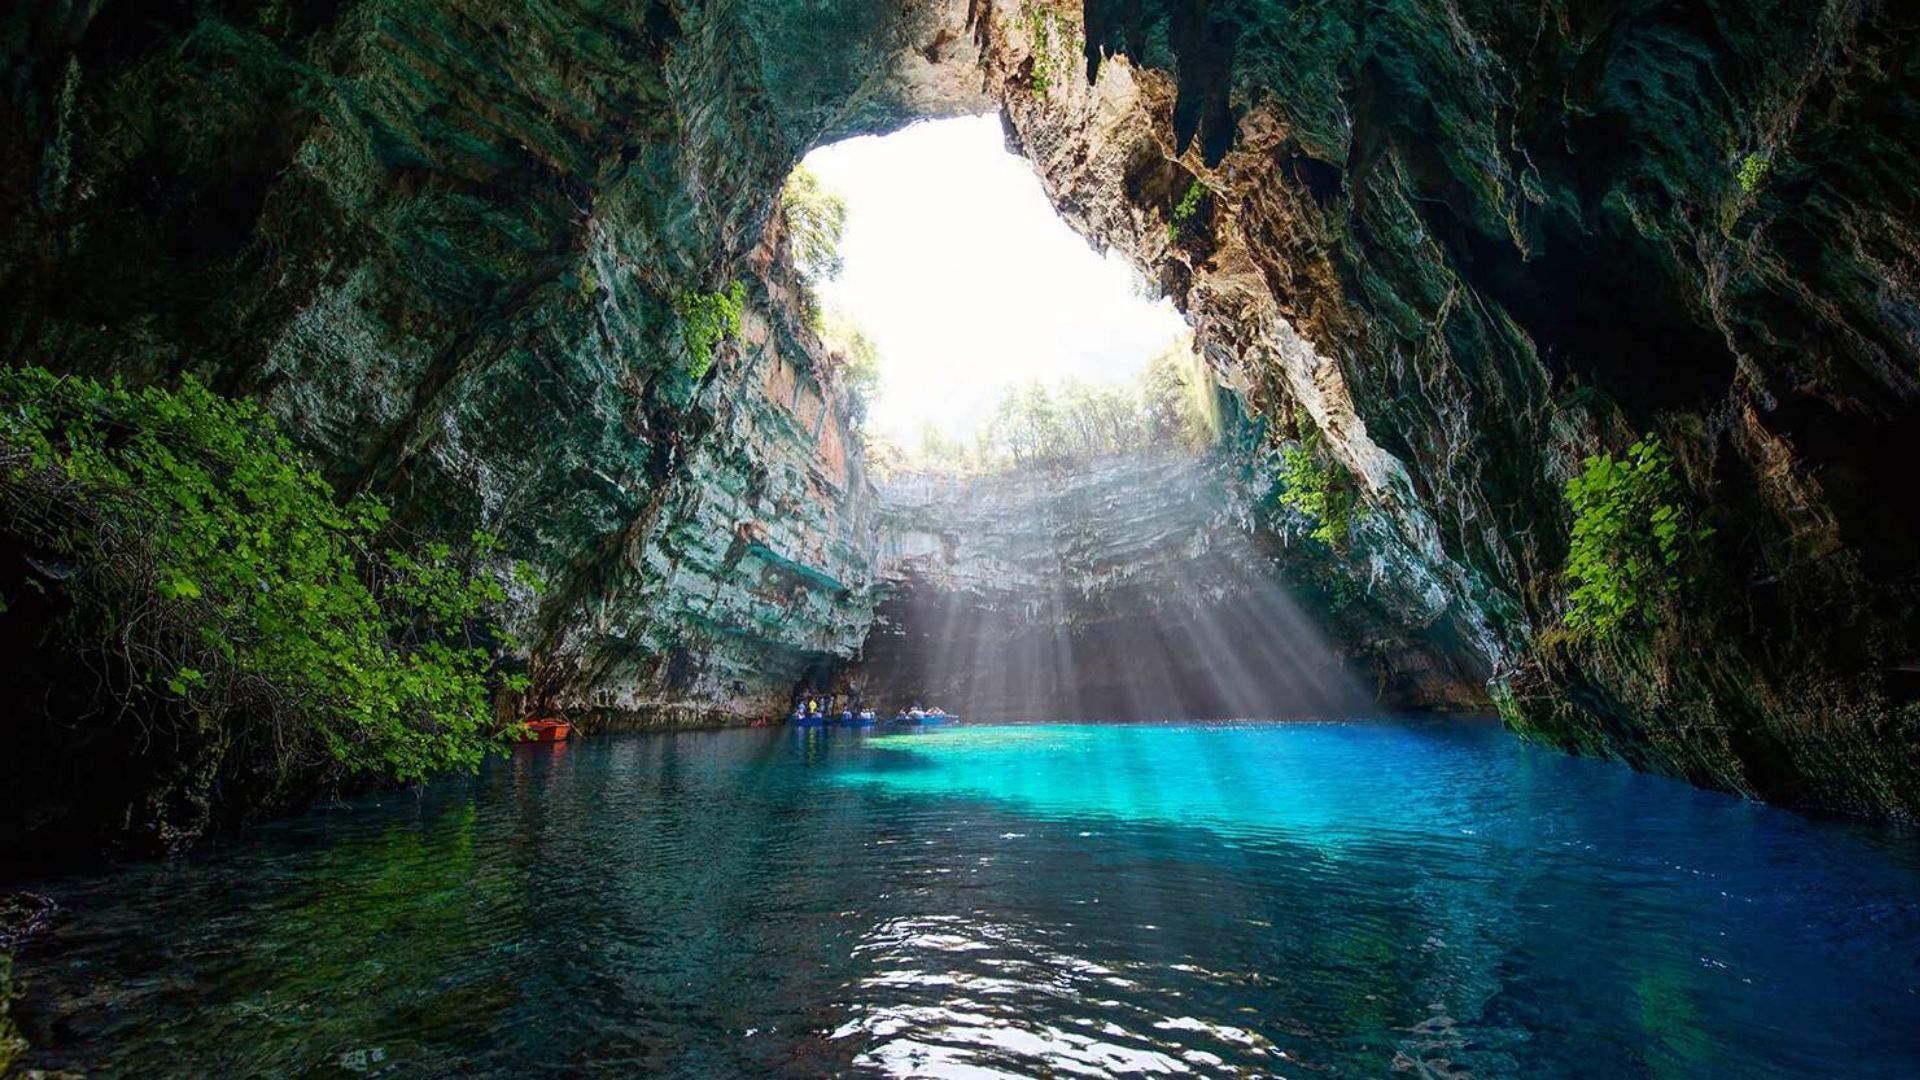 Melisanio urvas - tikras salos gamtos lobis